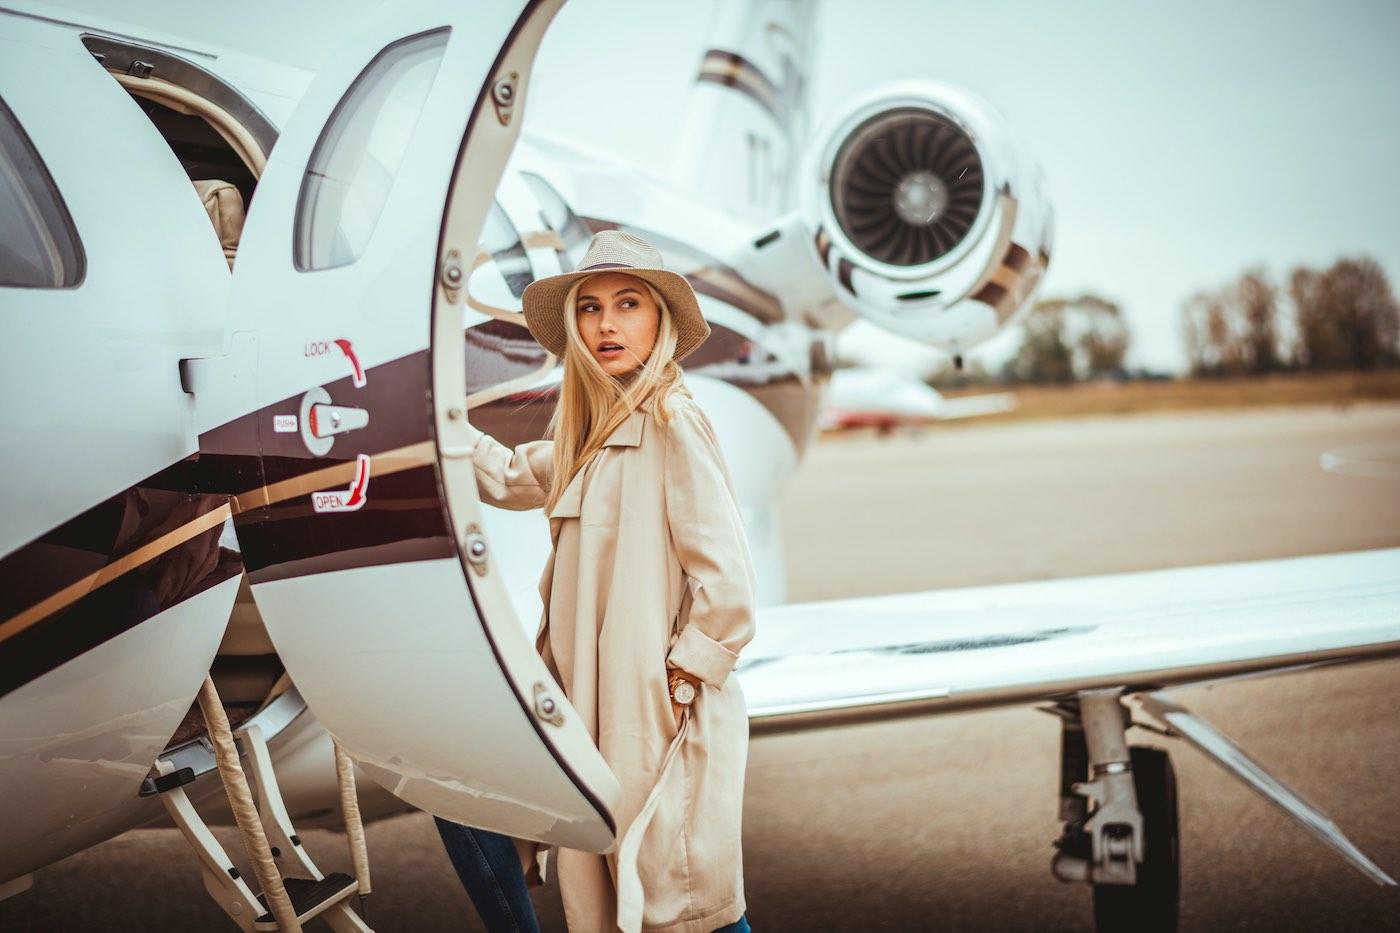 Aviones privados y alquileres de $8.000: Así escapan los mega ricos de la pandemia del coronavirus en Estados Unidos